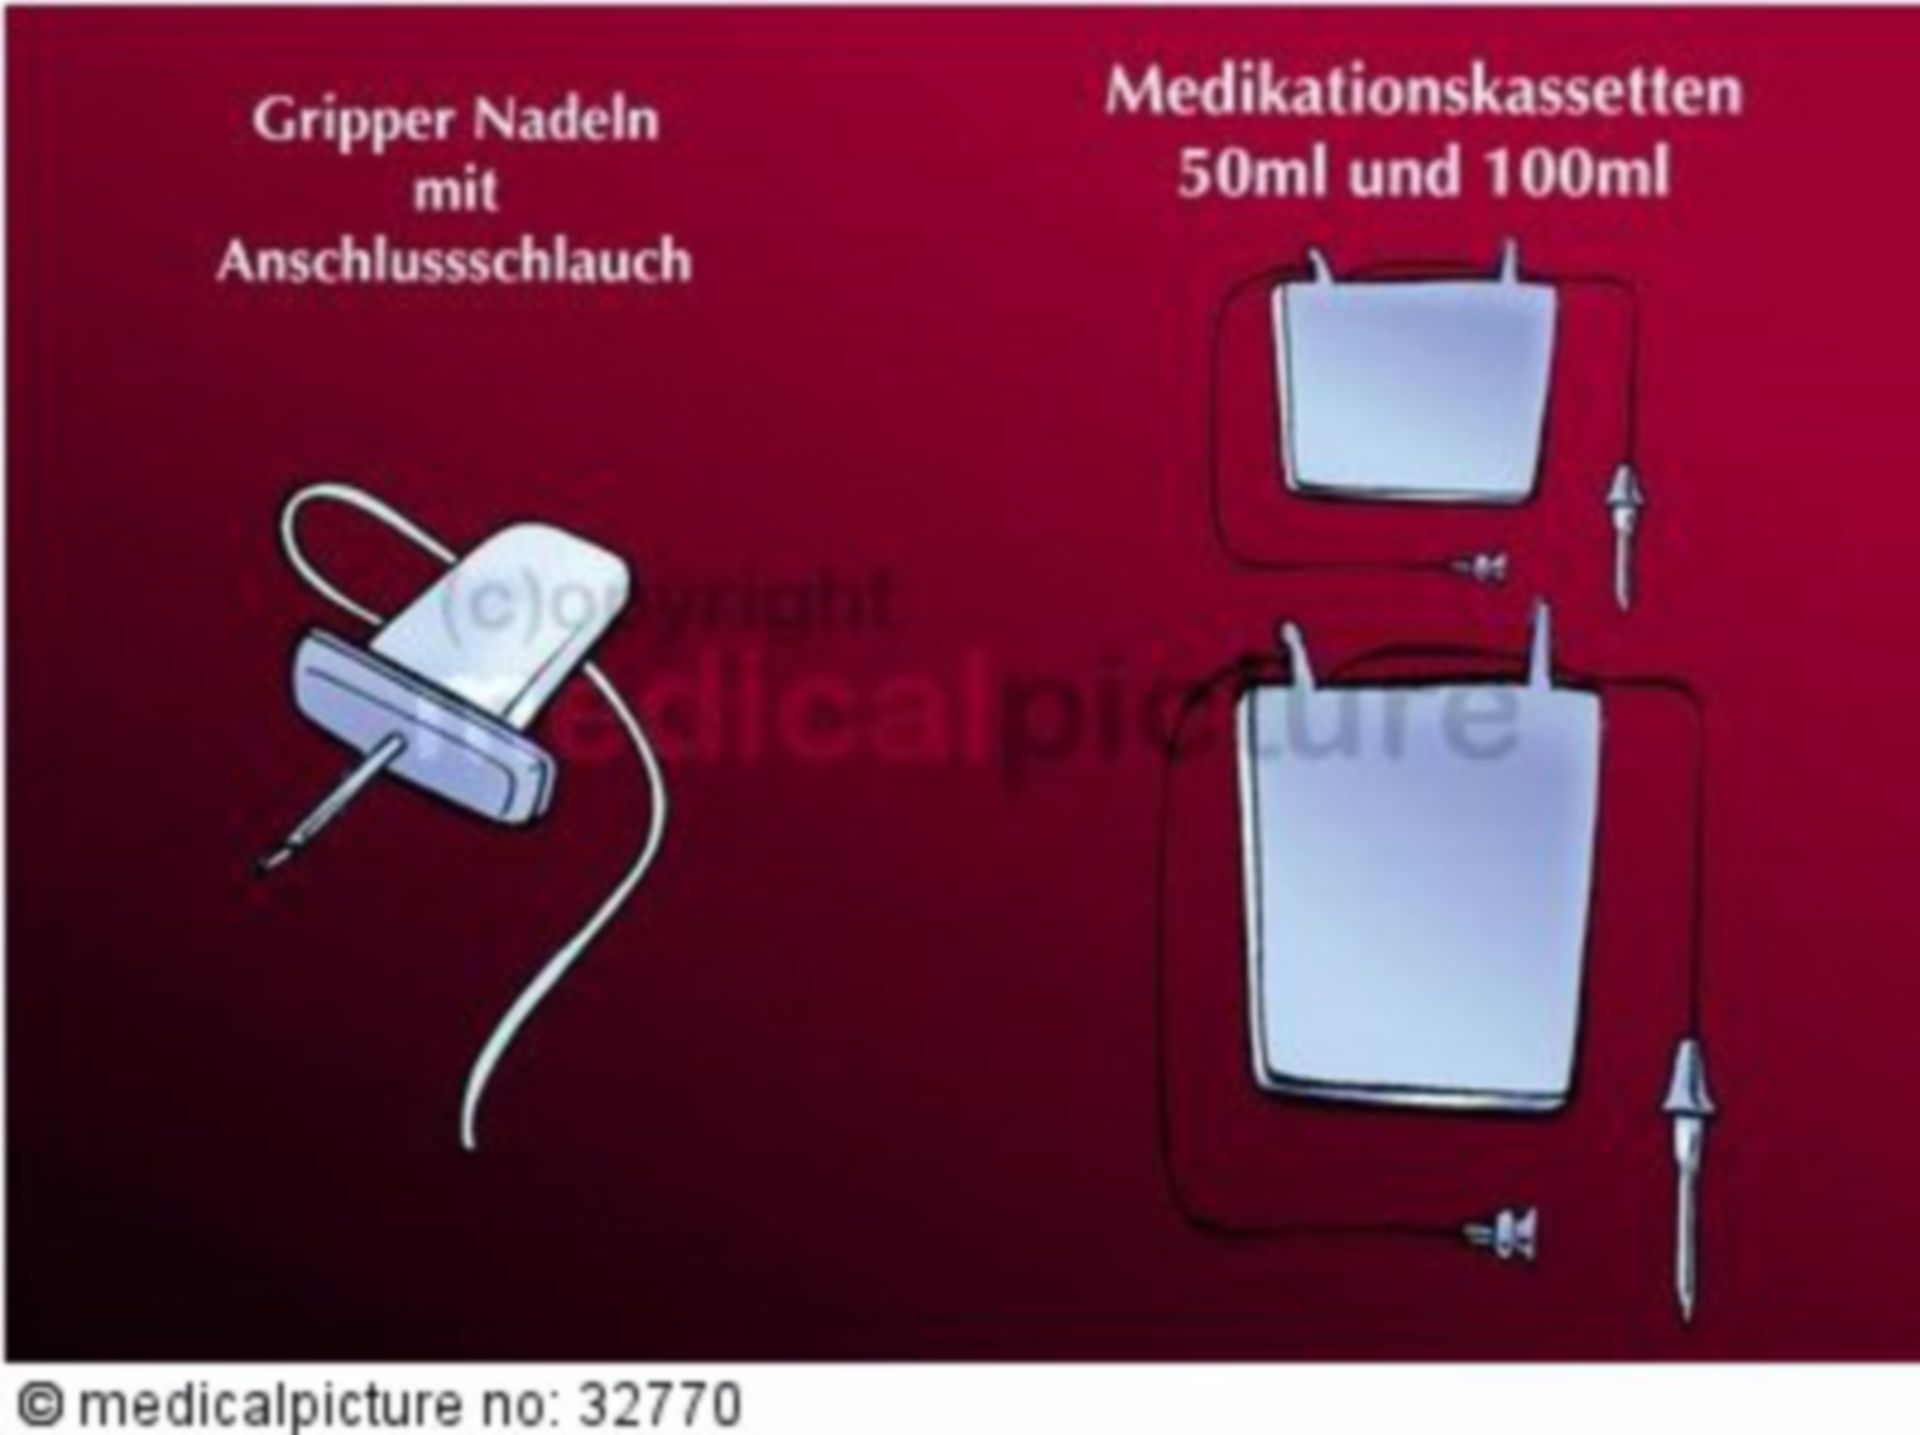 Portable pain pump for chronic pain patients